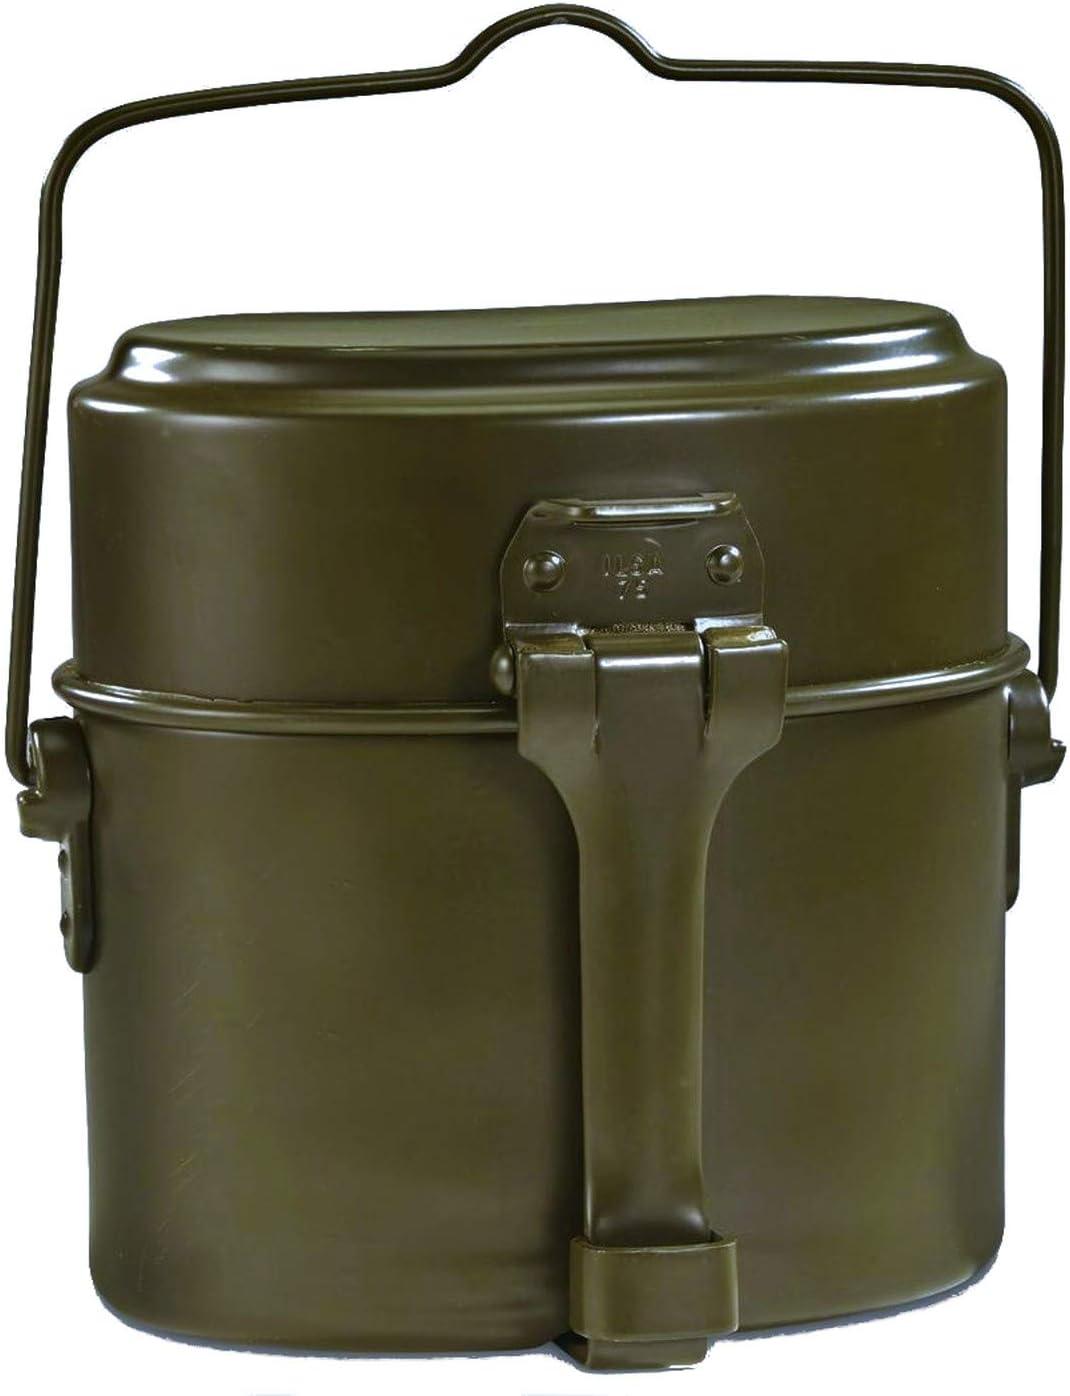 イタリア軍 メスキット 飯盒 3ピース 軍払下 未使用品 刻印 ILSA 75